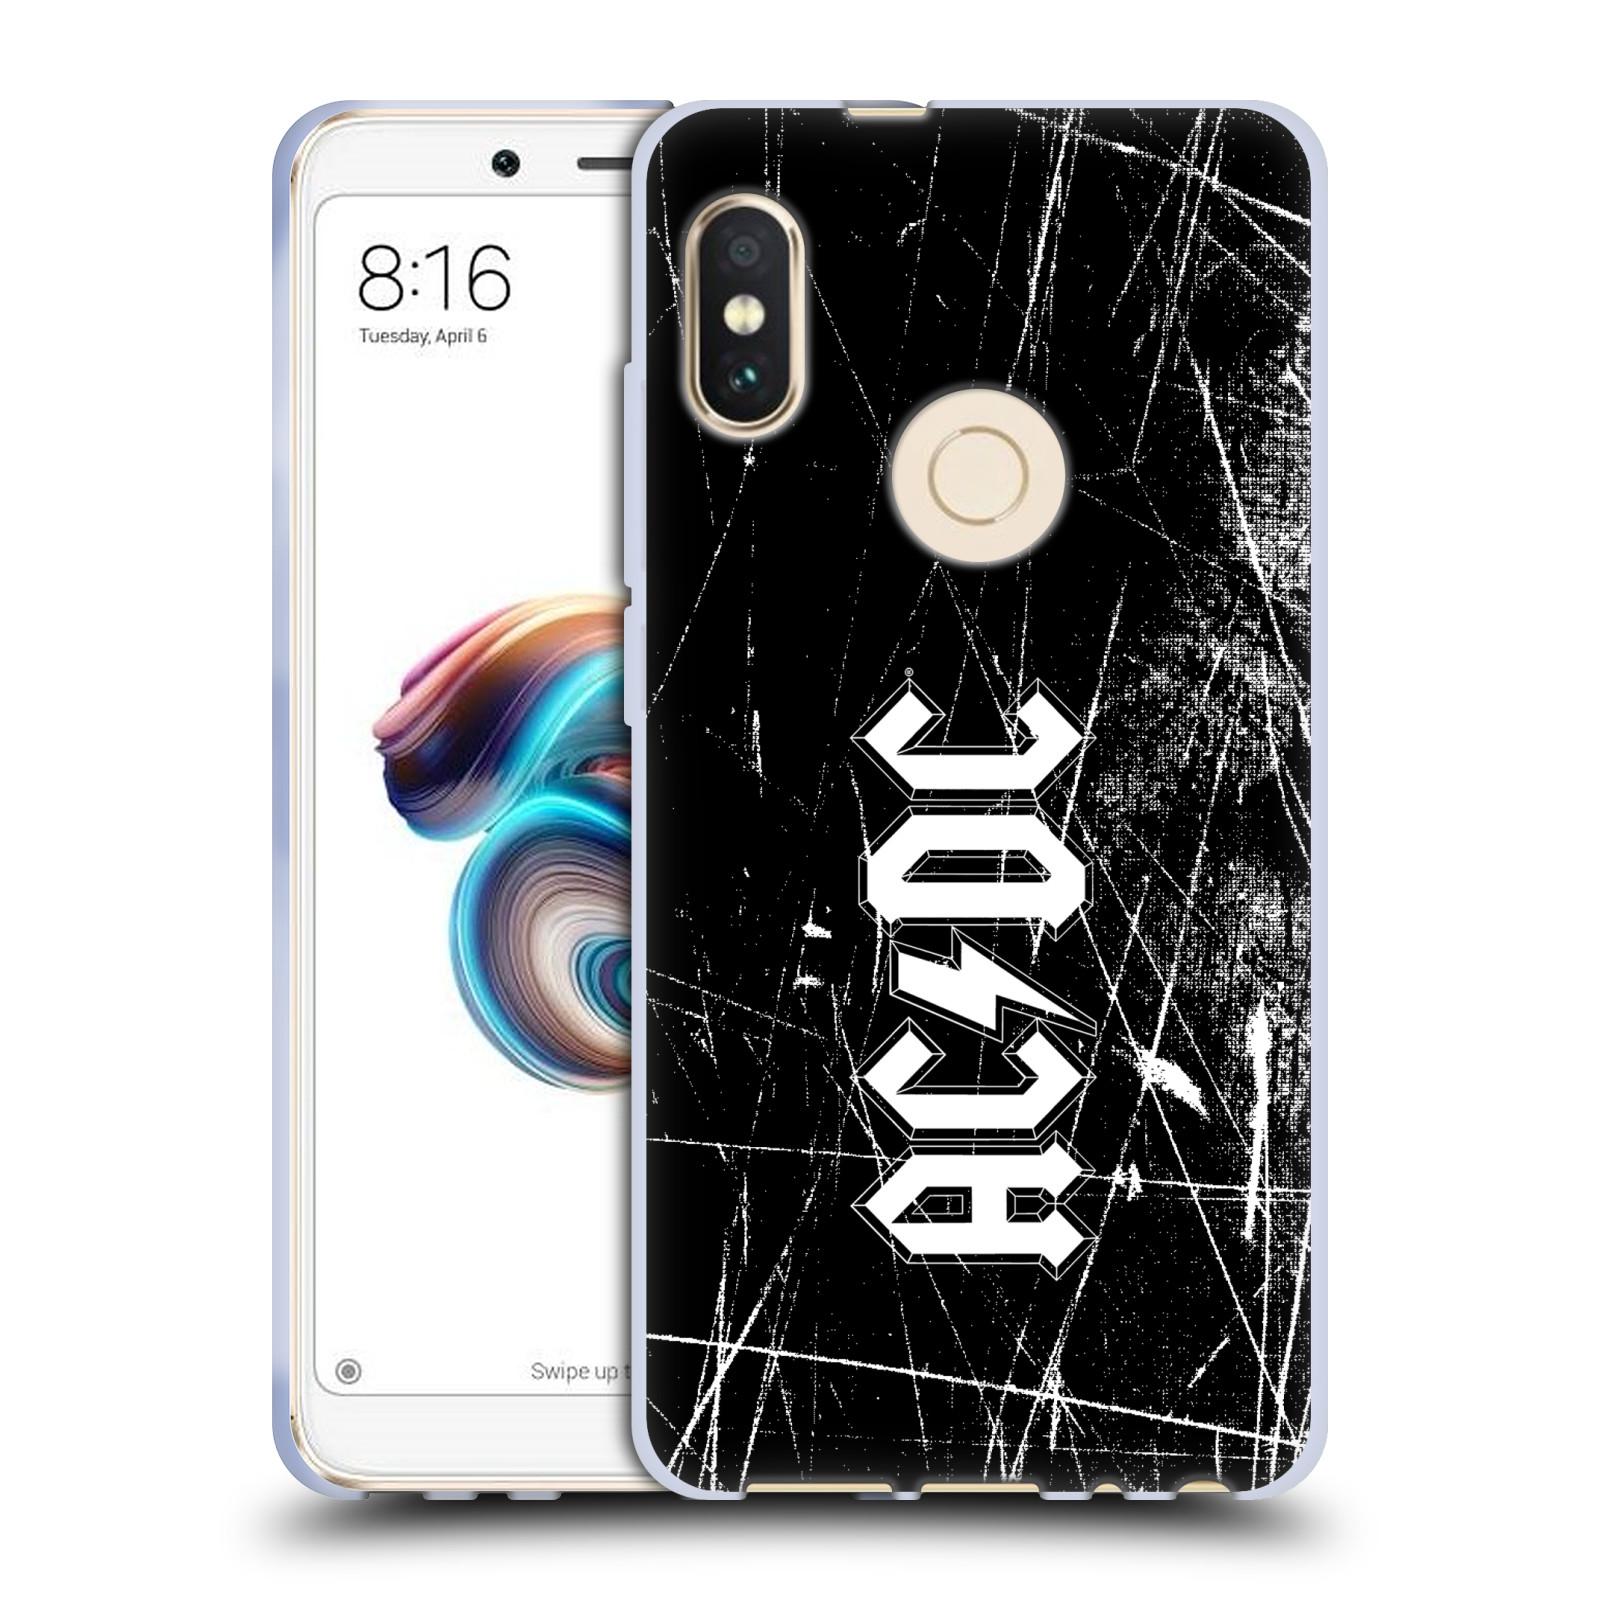 Silikonové pouzdro na mobil Xiaomi Redmi Note 5 - Head Case - AC/DC Černobílé logo